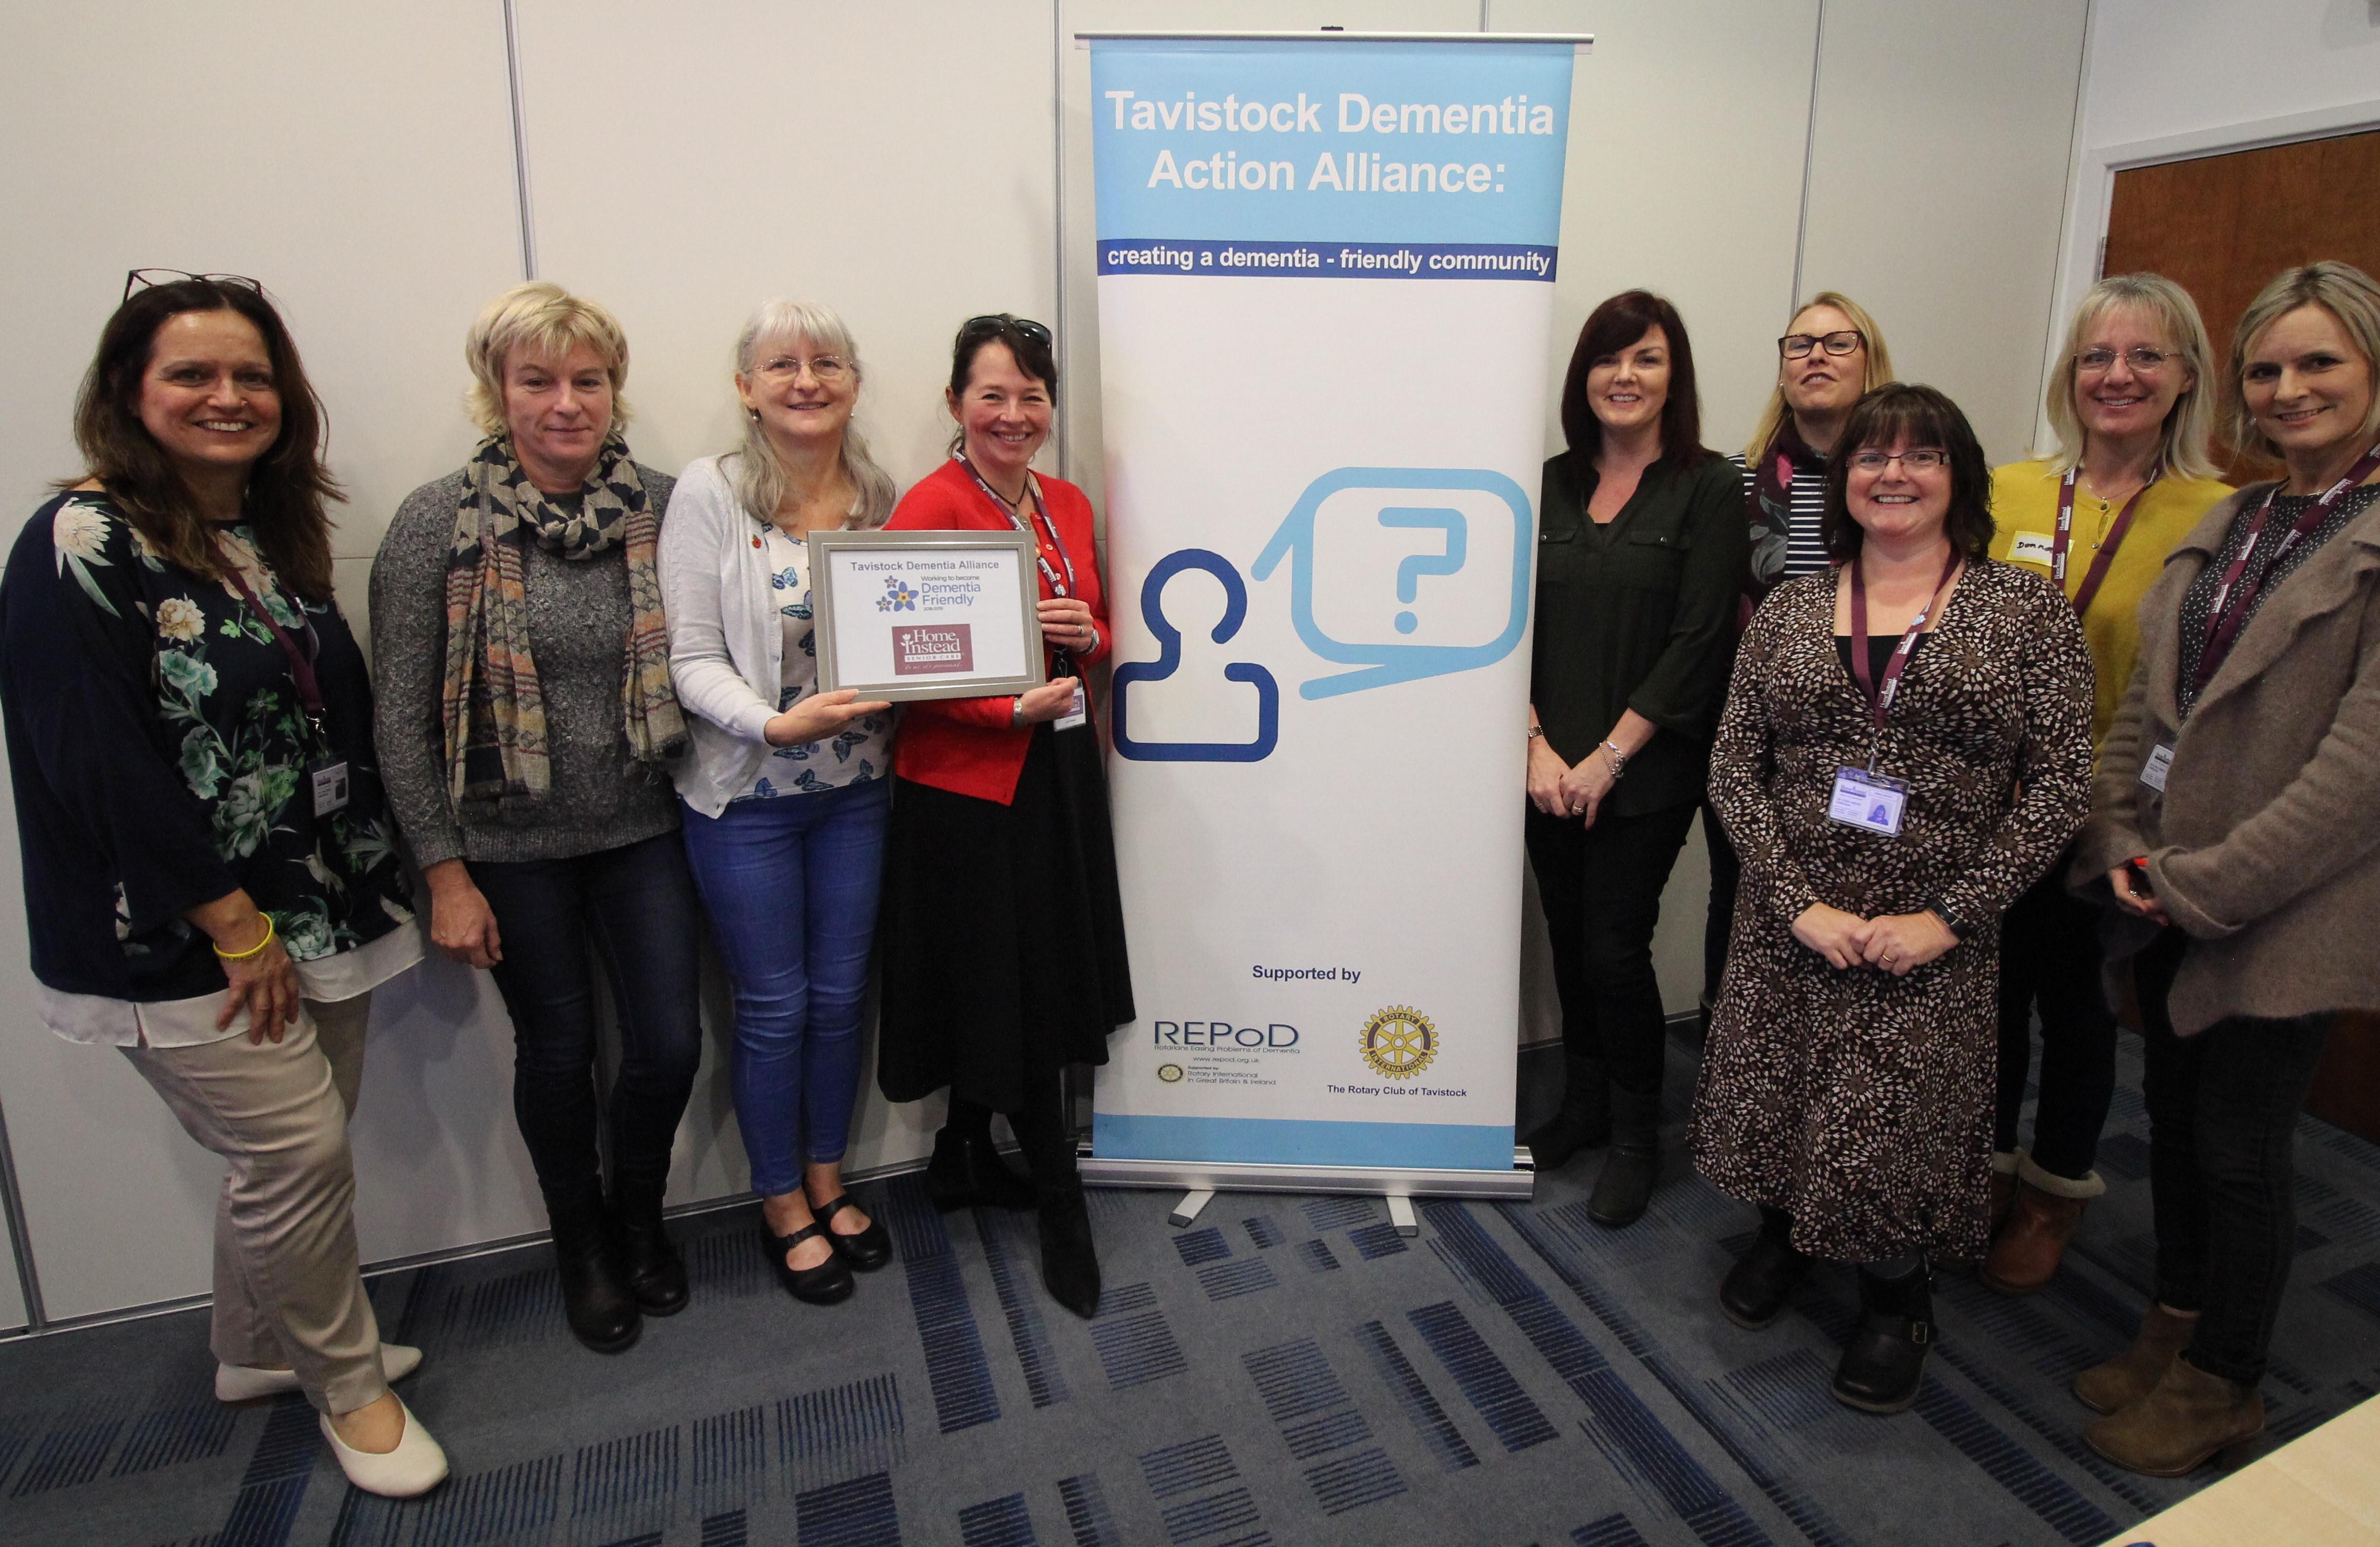 Dementia Friendly Organisation with Tavistock Dementia Alliance